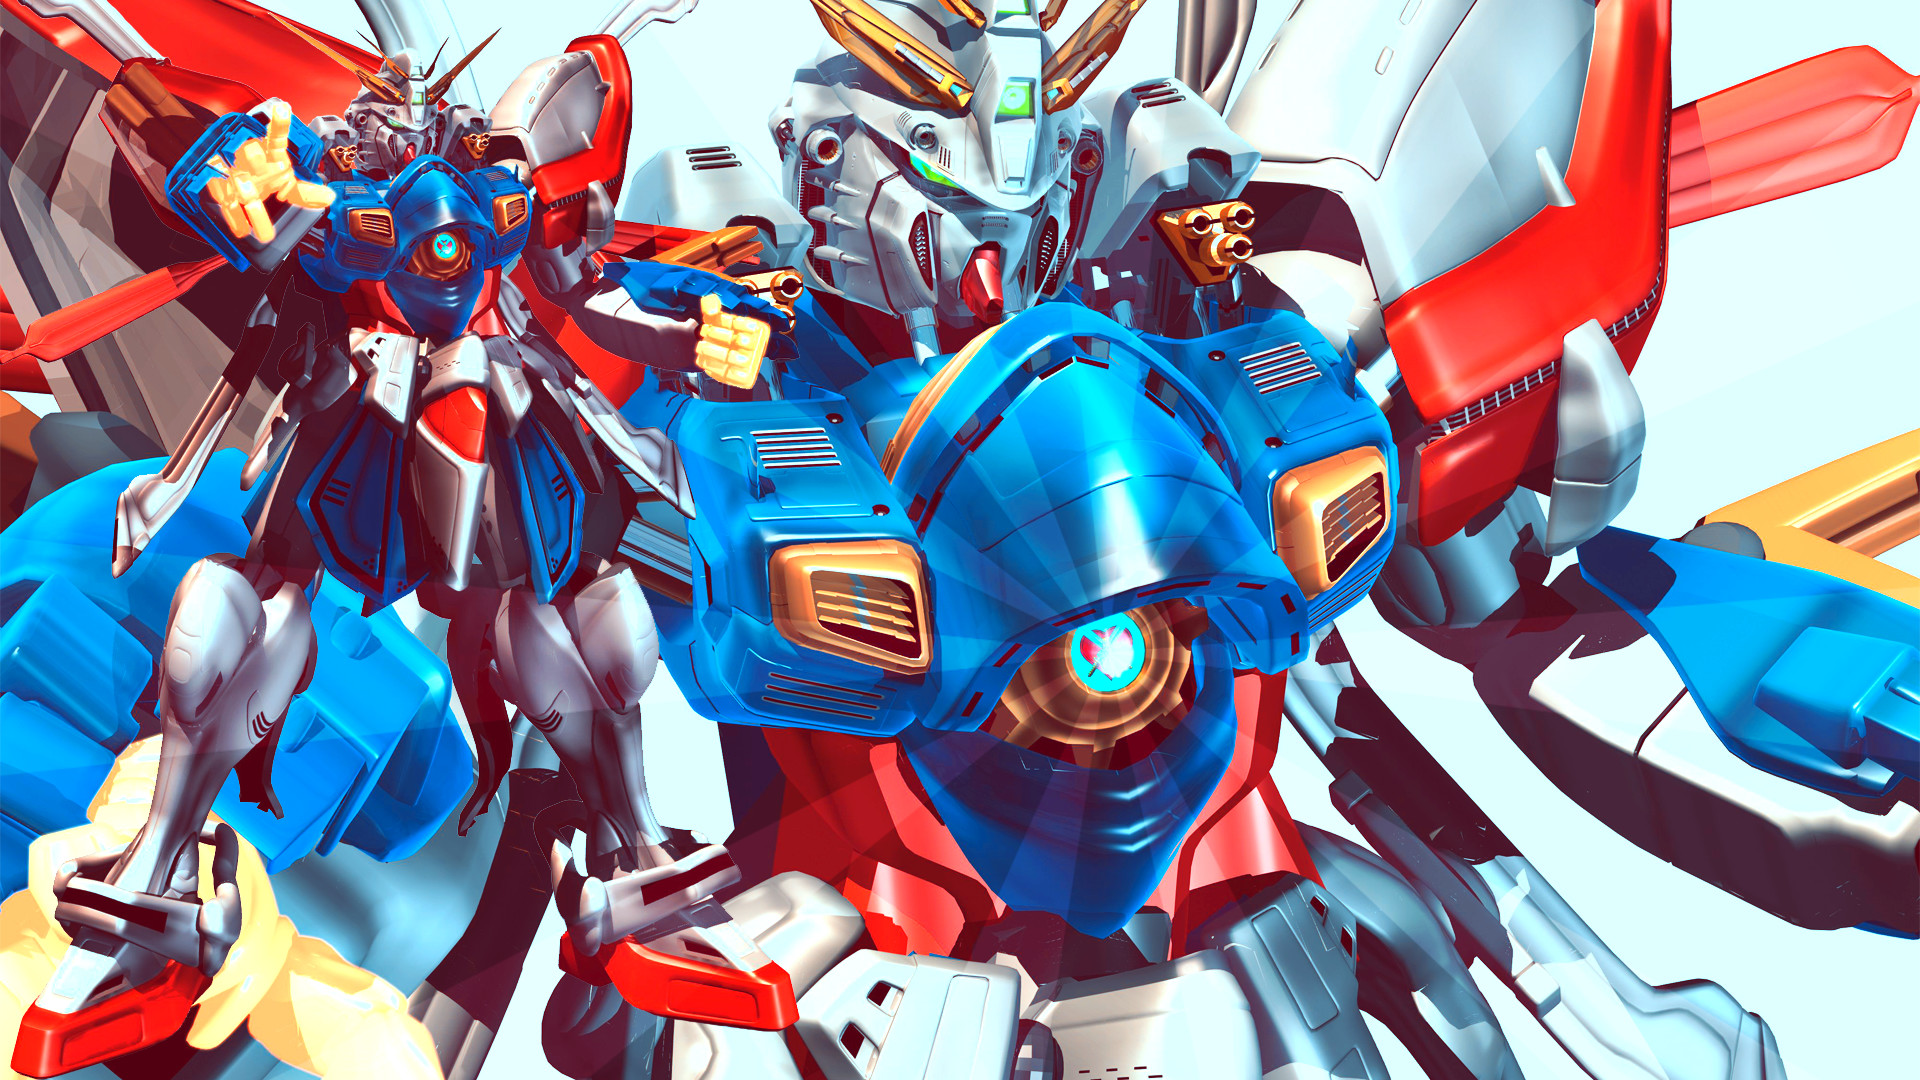 Gundam Wallpaper – WallpaperSafari